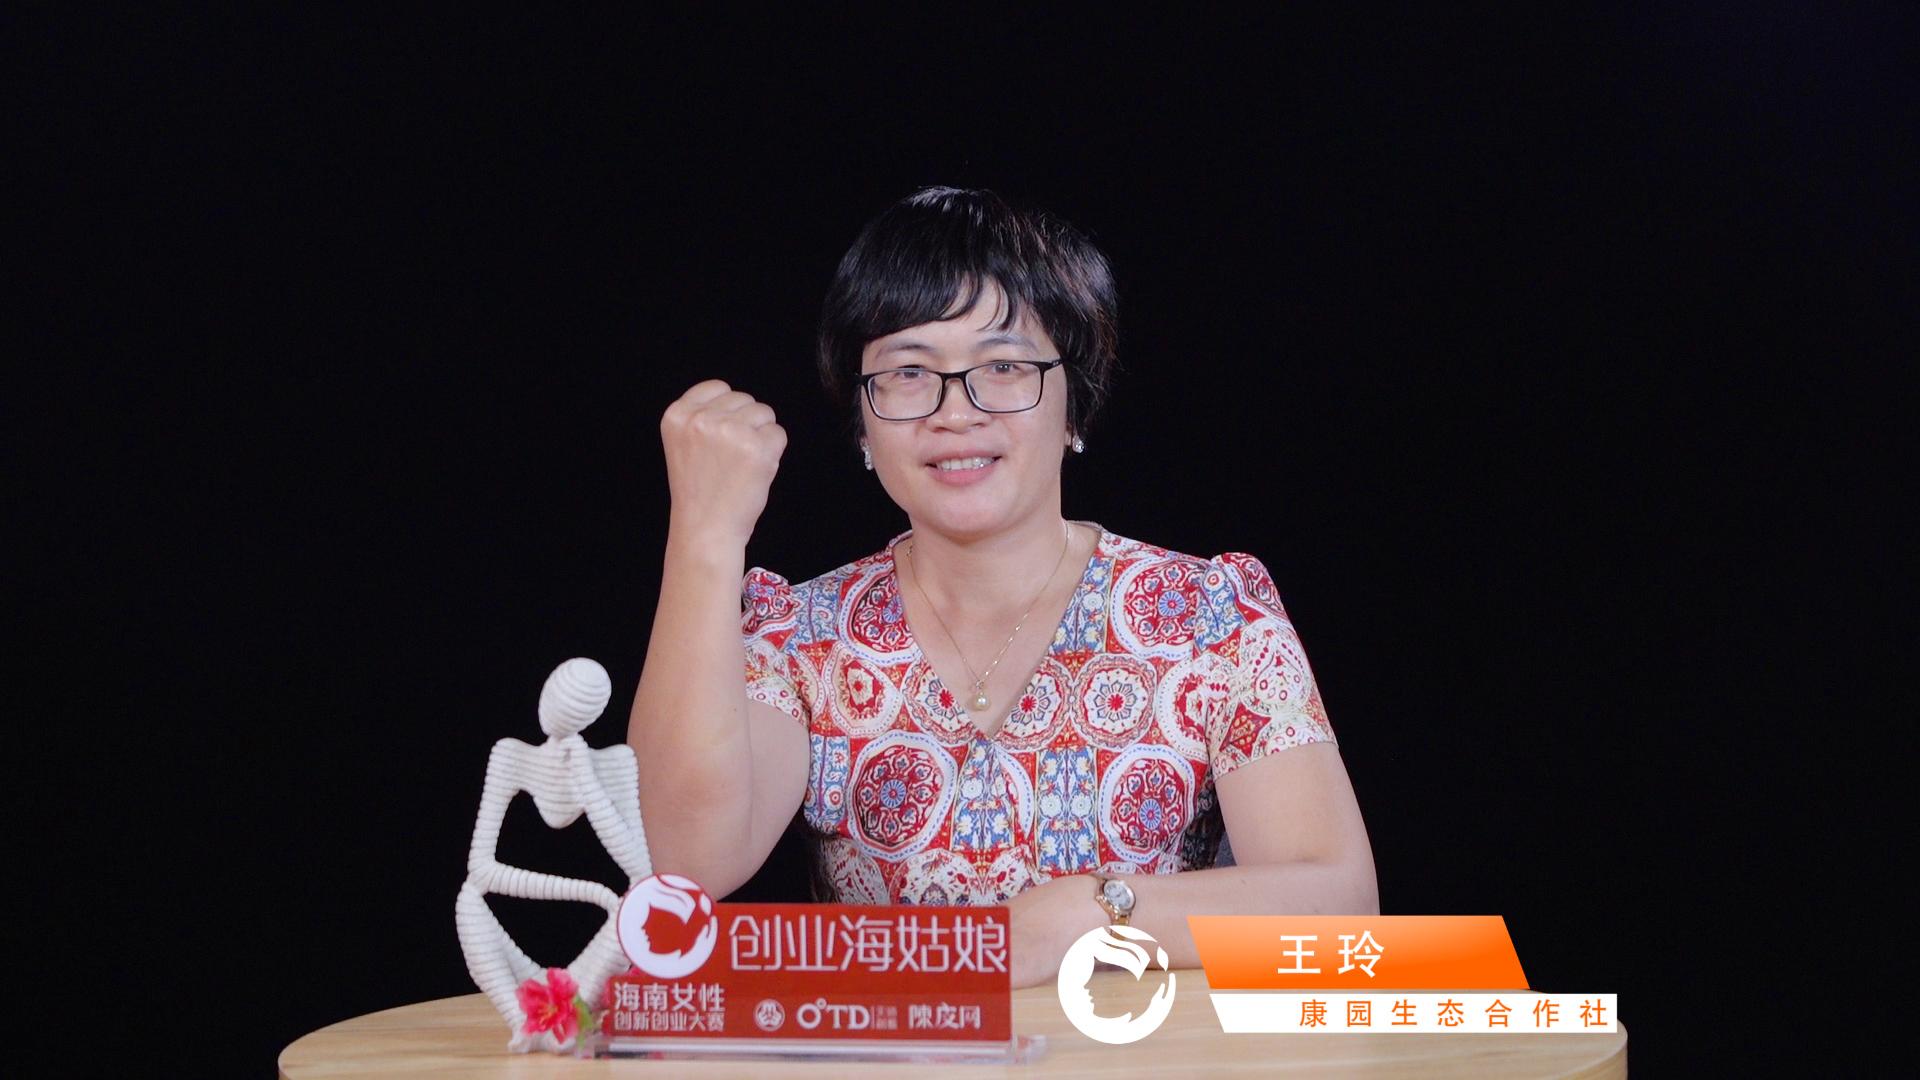 创业海姑娘|琼中康园王玲,宝剑锋从磨砺出